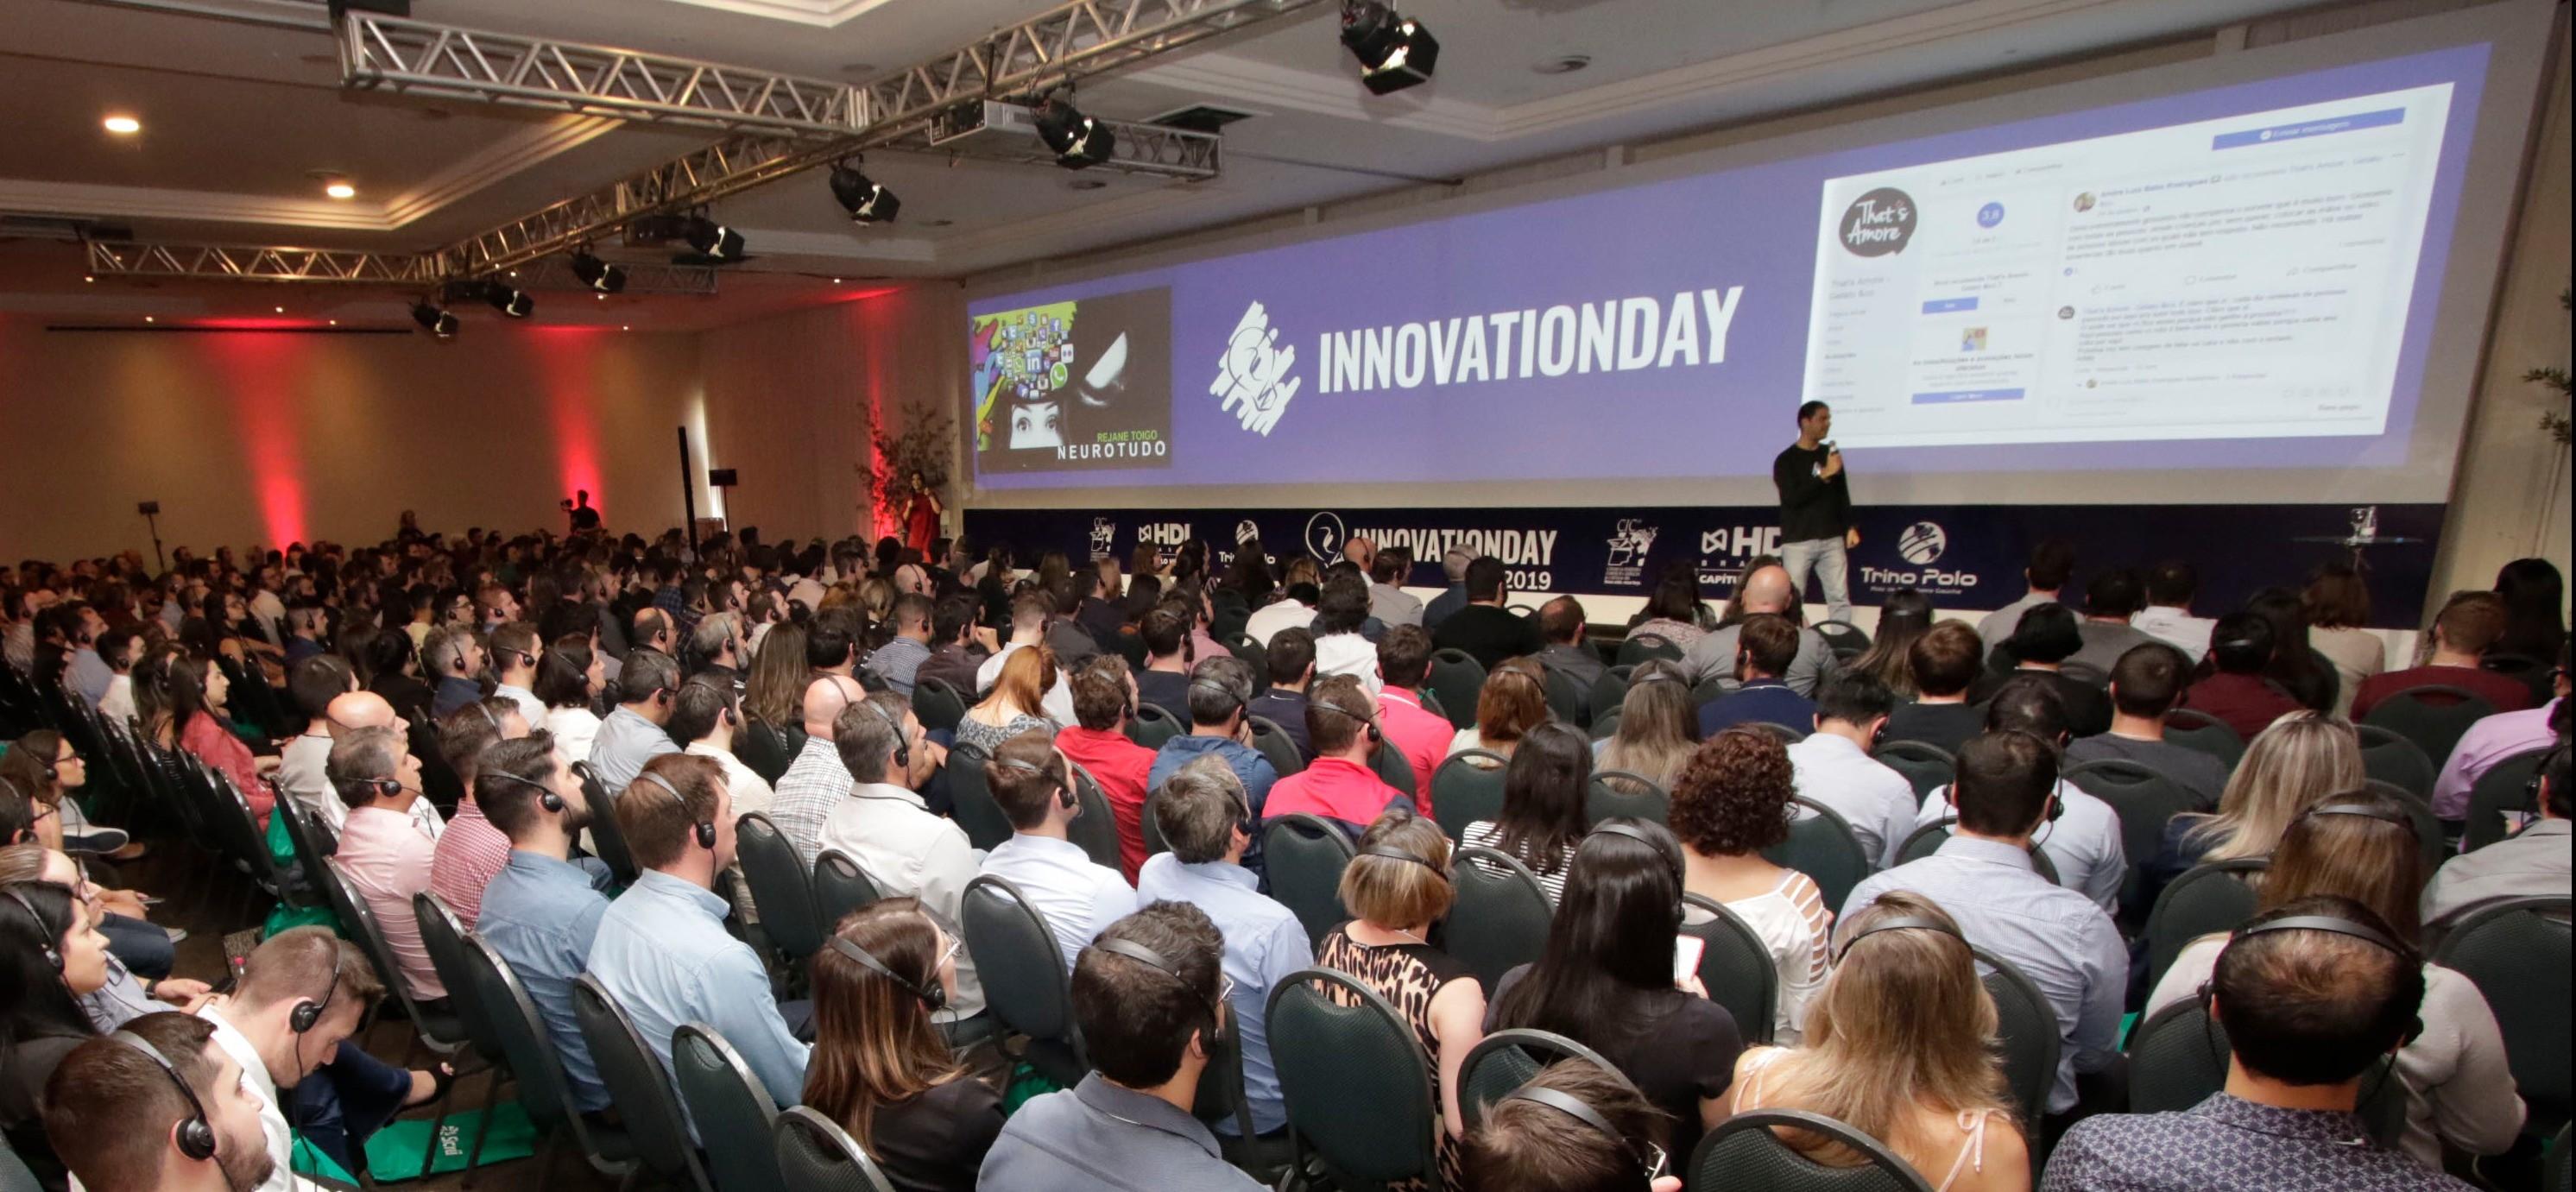 Foto da notícia Innovation Day 2019 reúne 460 pessoas para repensar a inovação em Caxias do Sul